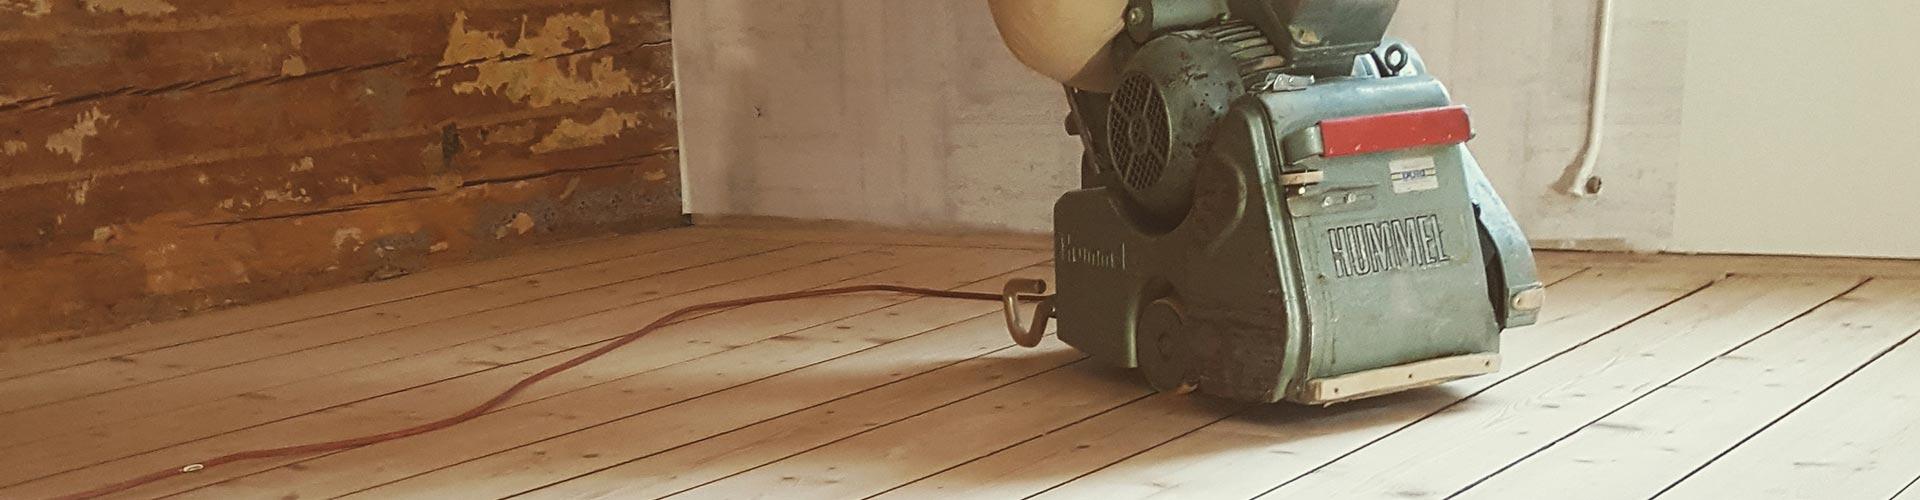 Inredning slipa golv kostnad : Golvslipare med expert på alla typer av trägolv